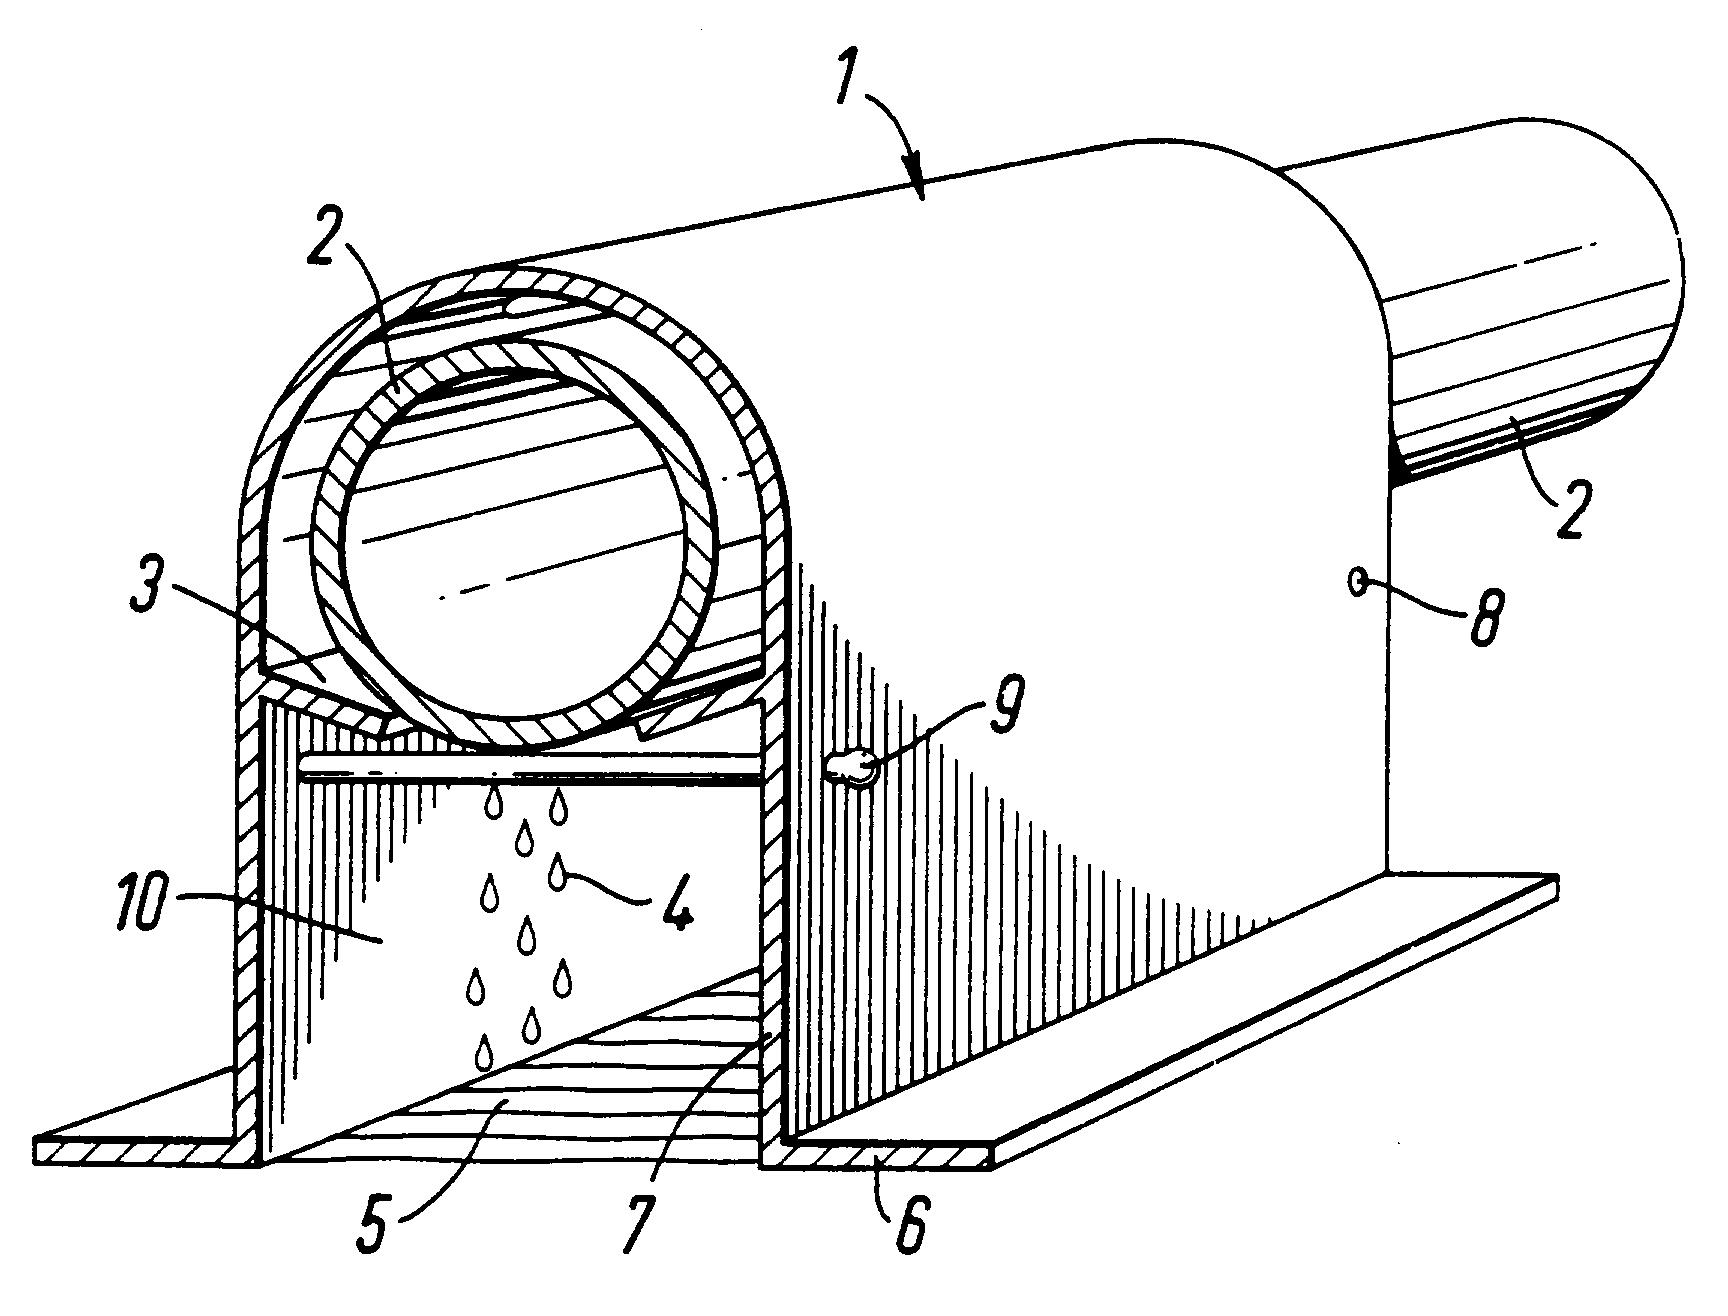 patent ep0730400b1 schutzk rper abdeckung zum verlegen ber auslass ffnungen von rohren f r. Black Bedroom Furniture Sets. Home Design Ideas